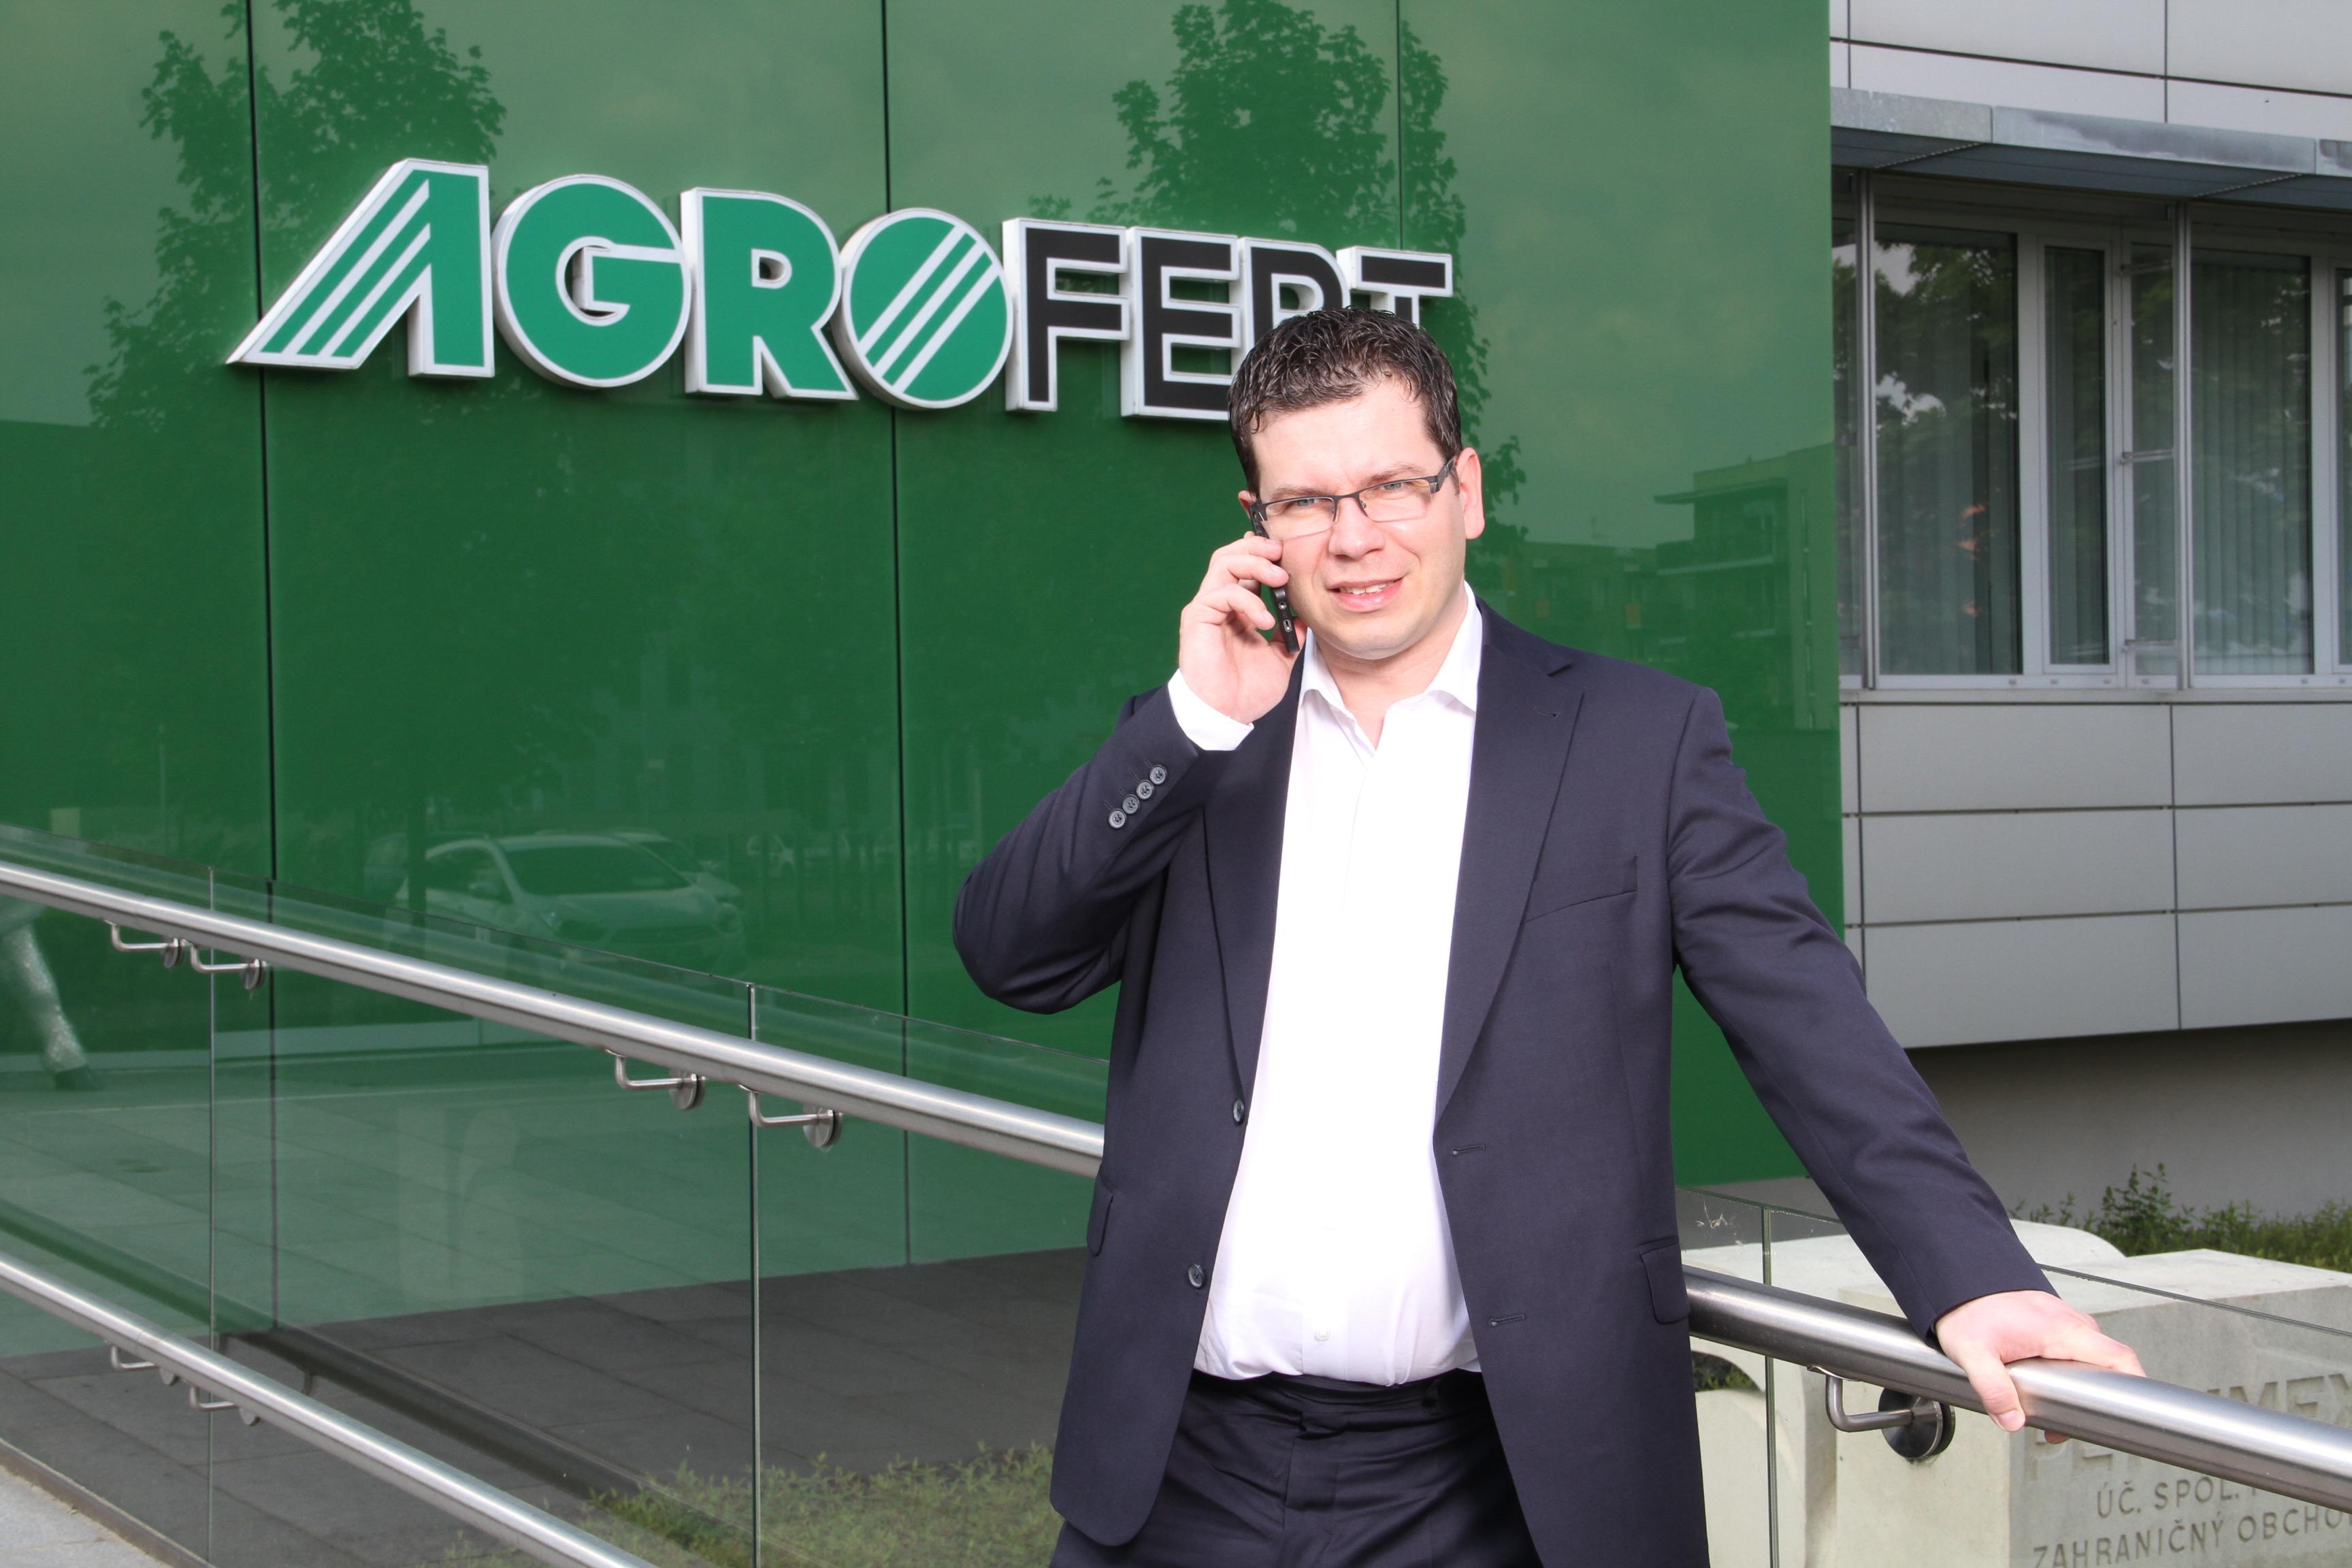 ČT neposkytla o dotacích a podnikání Agrofertu vyvážené informace